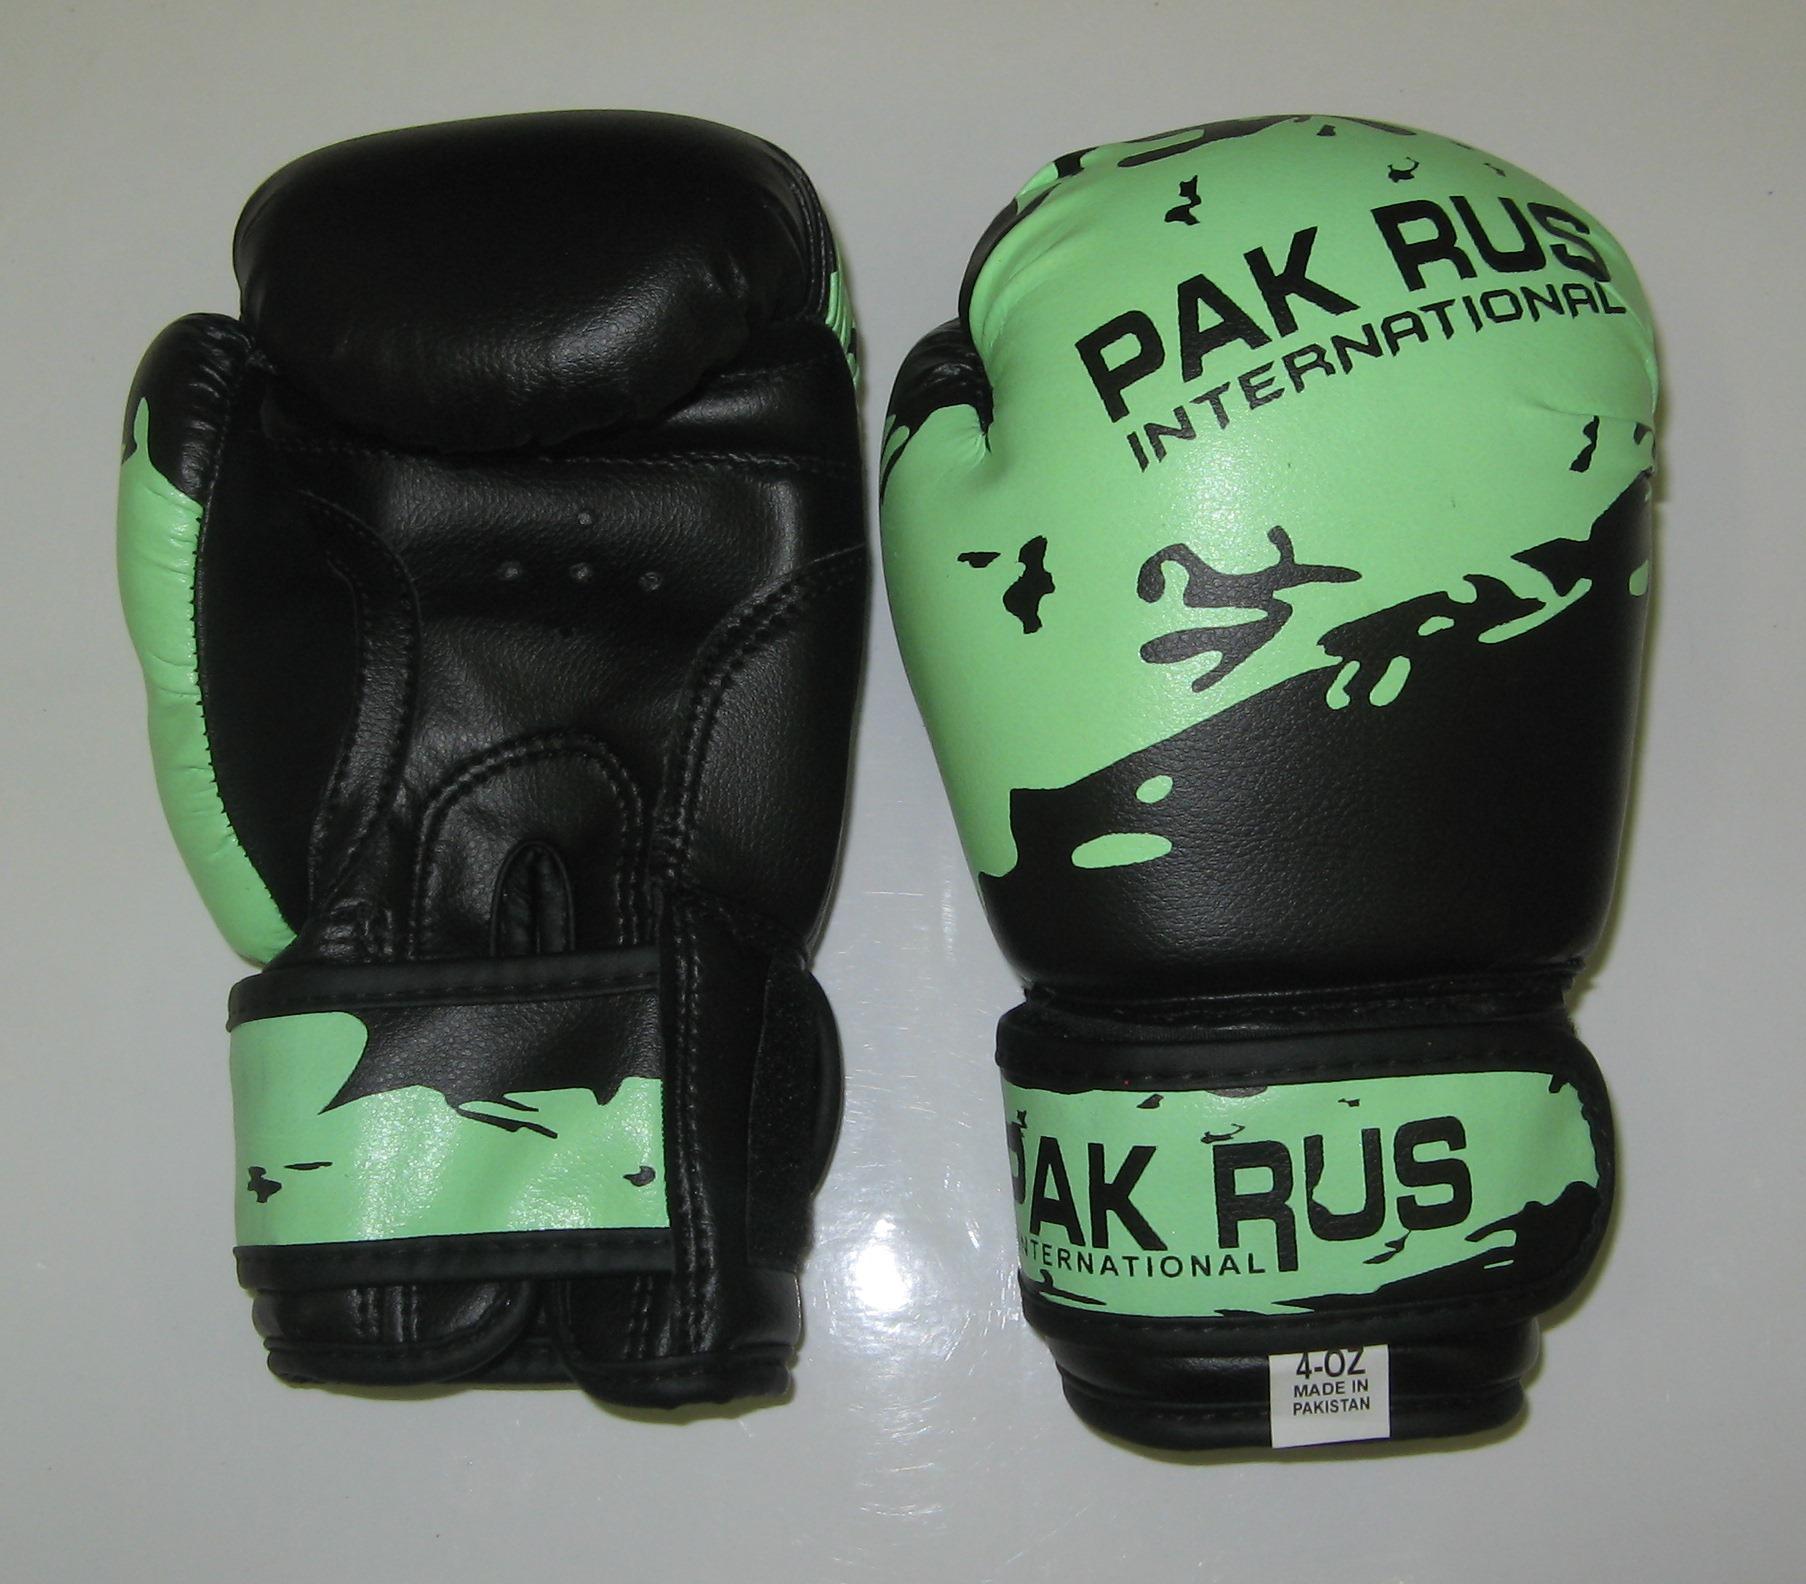 Перчатки боксерские Pak Rus, искусственная кожа, 4 OZ, PR-11-012 - артикул: 801030392